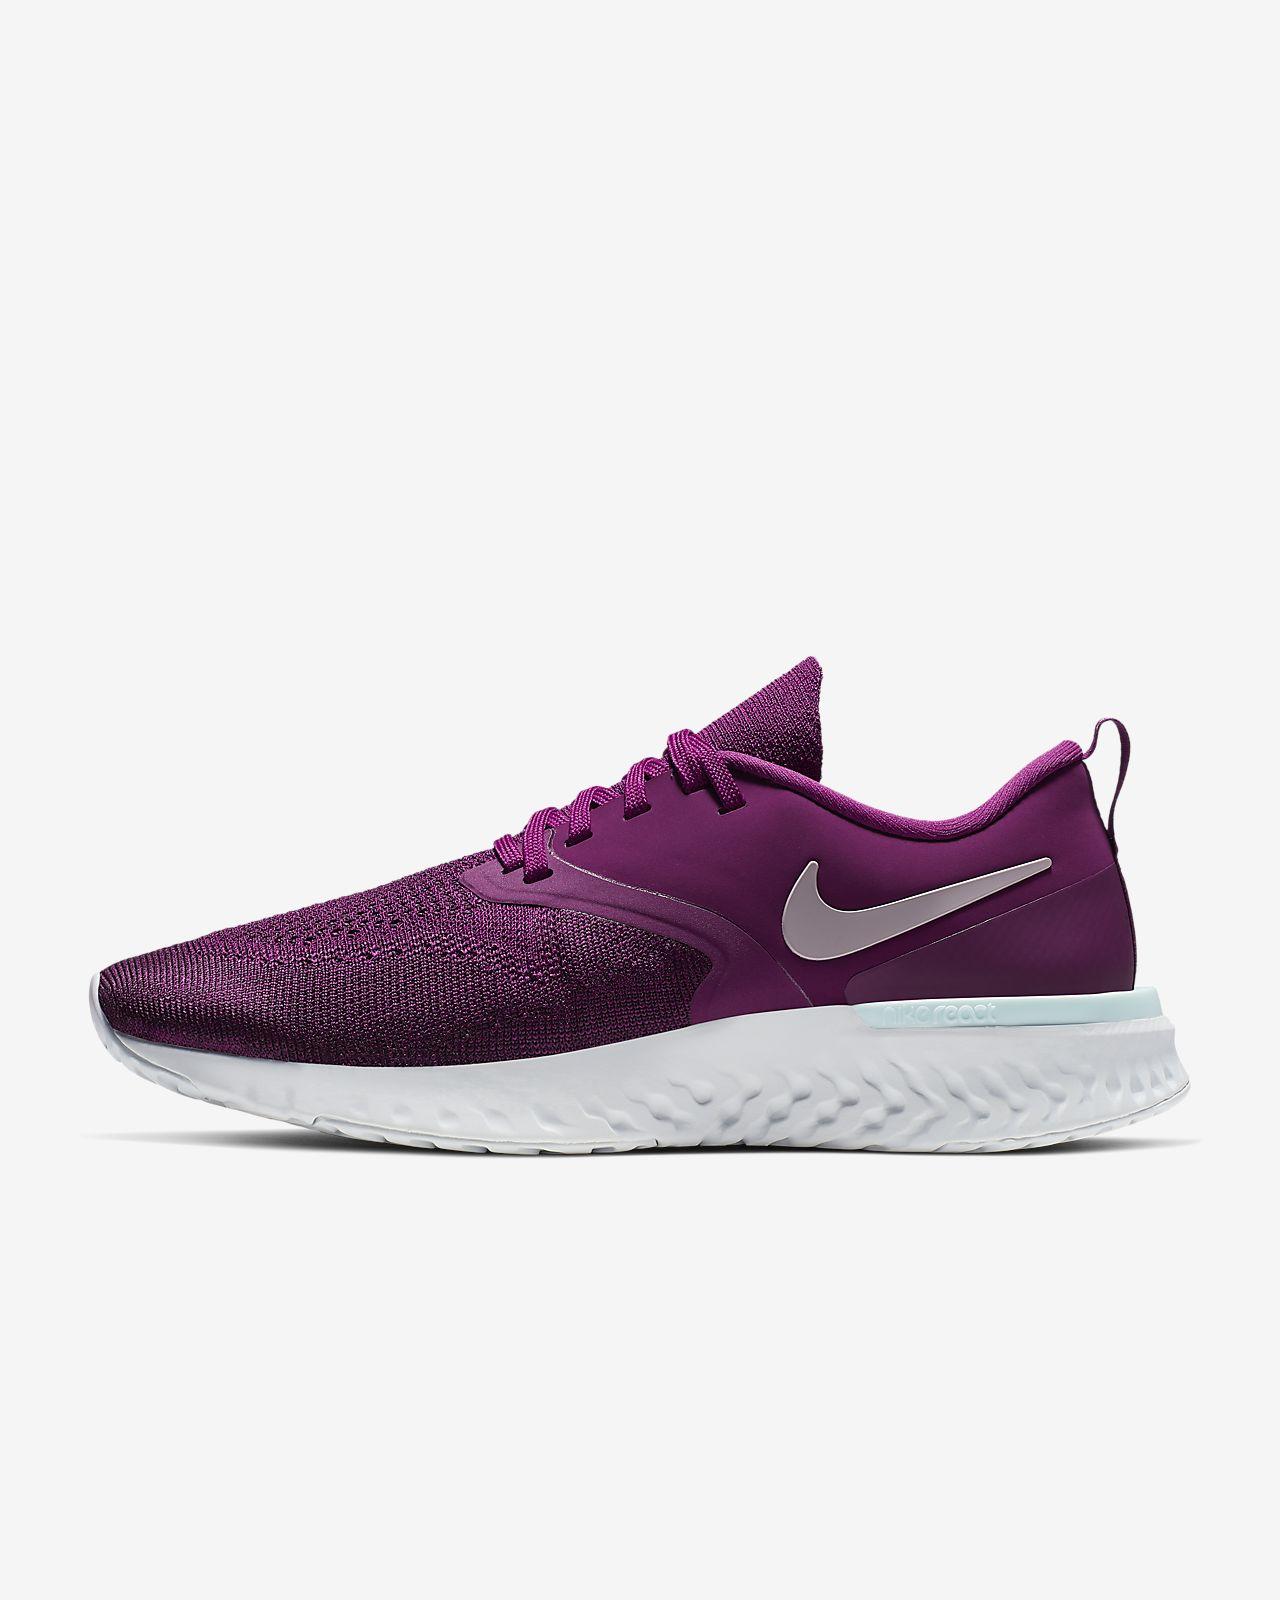 Dámská běžecká bota Nike Odyssey React Flyknit 2